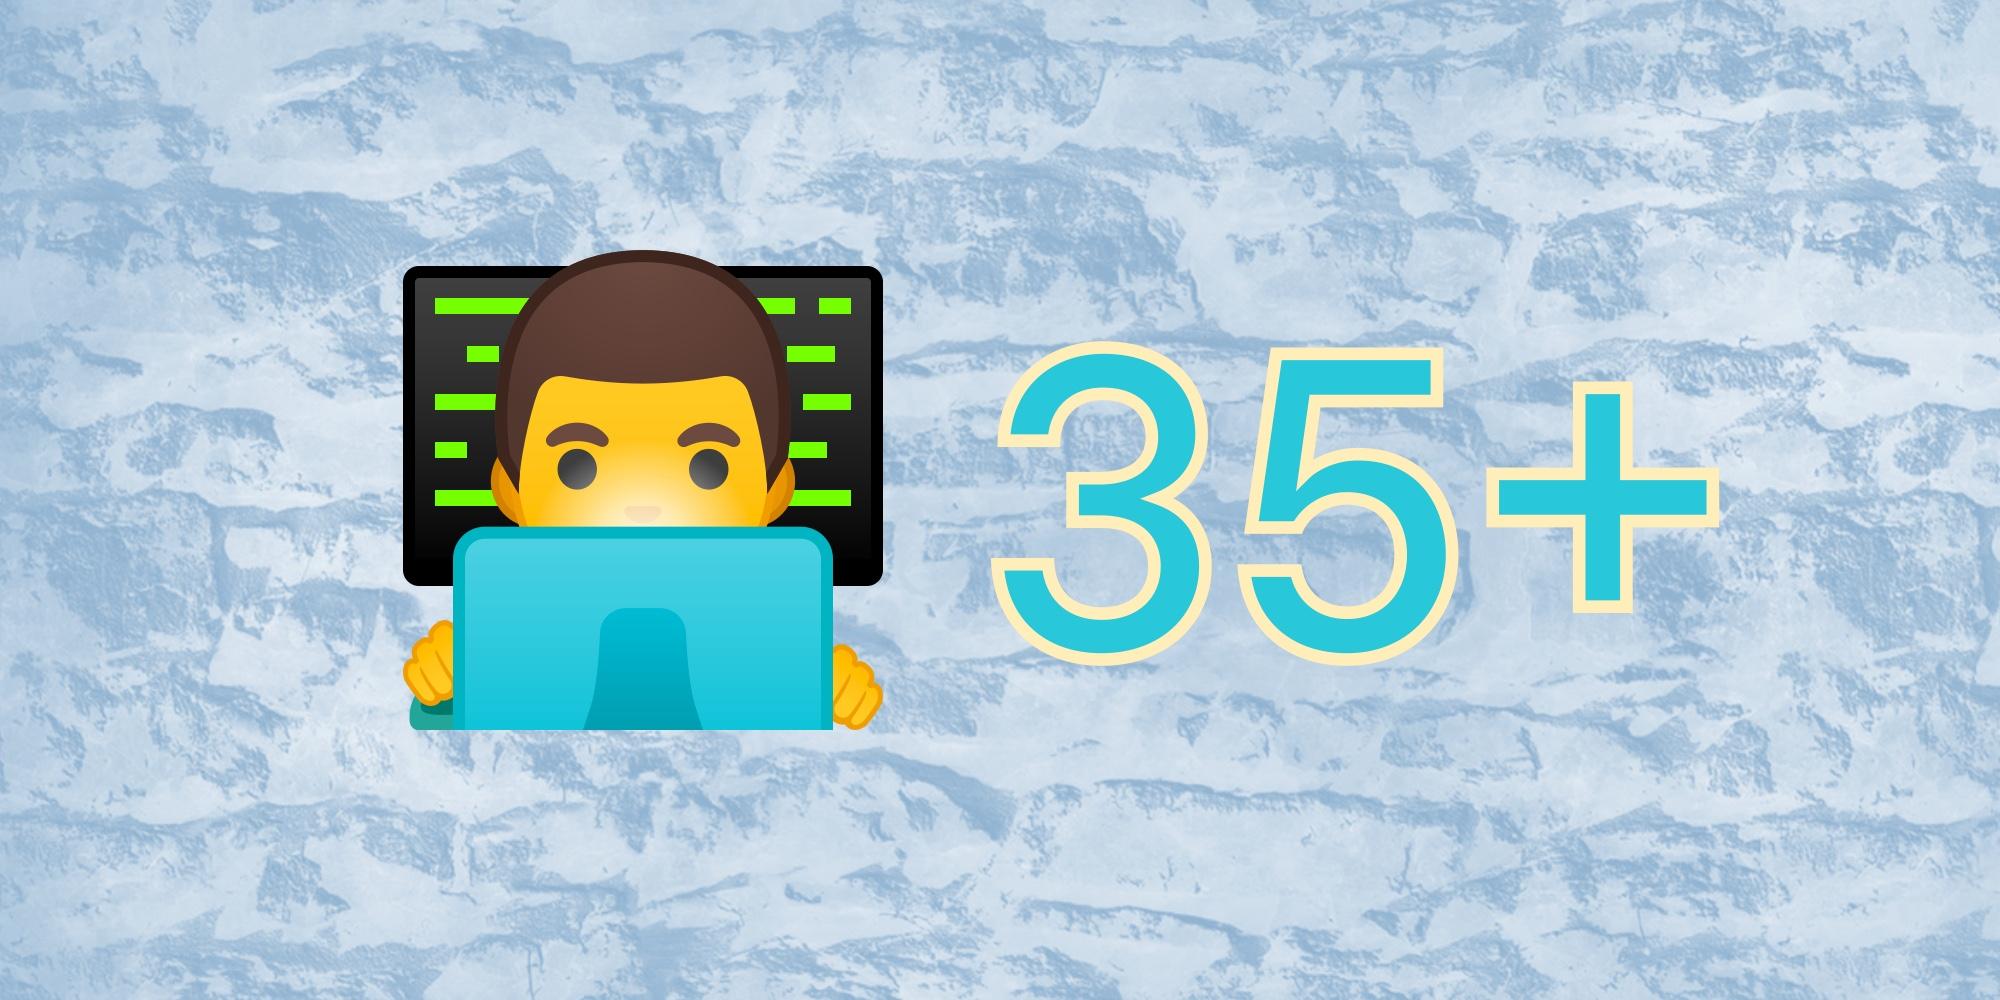 ⌛ 35 лет – конец карьеры? Когда программисты выходят на пенсию?